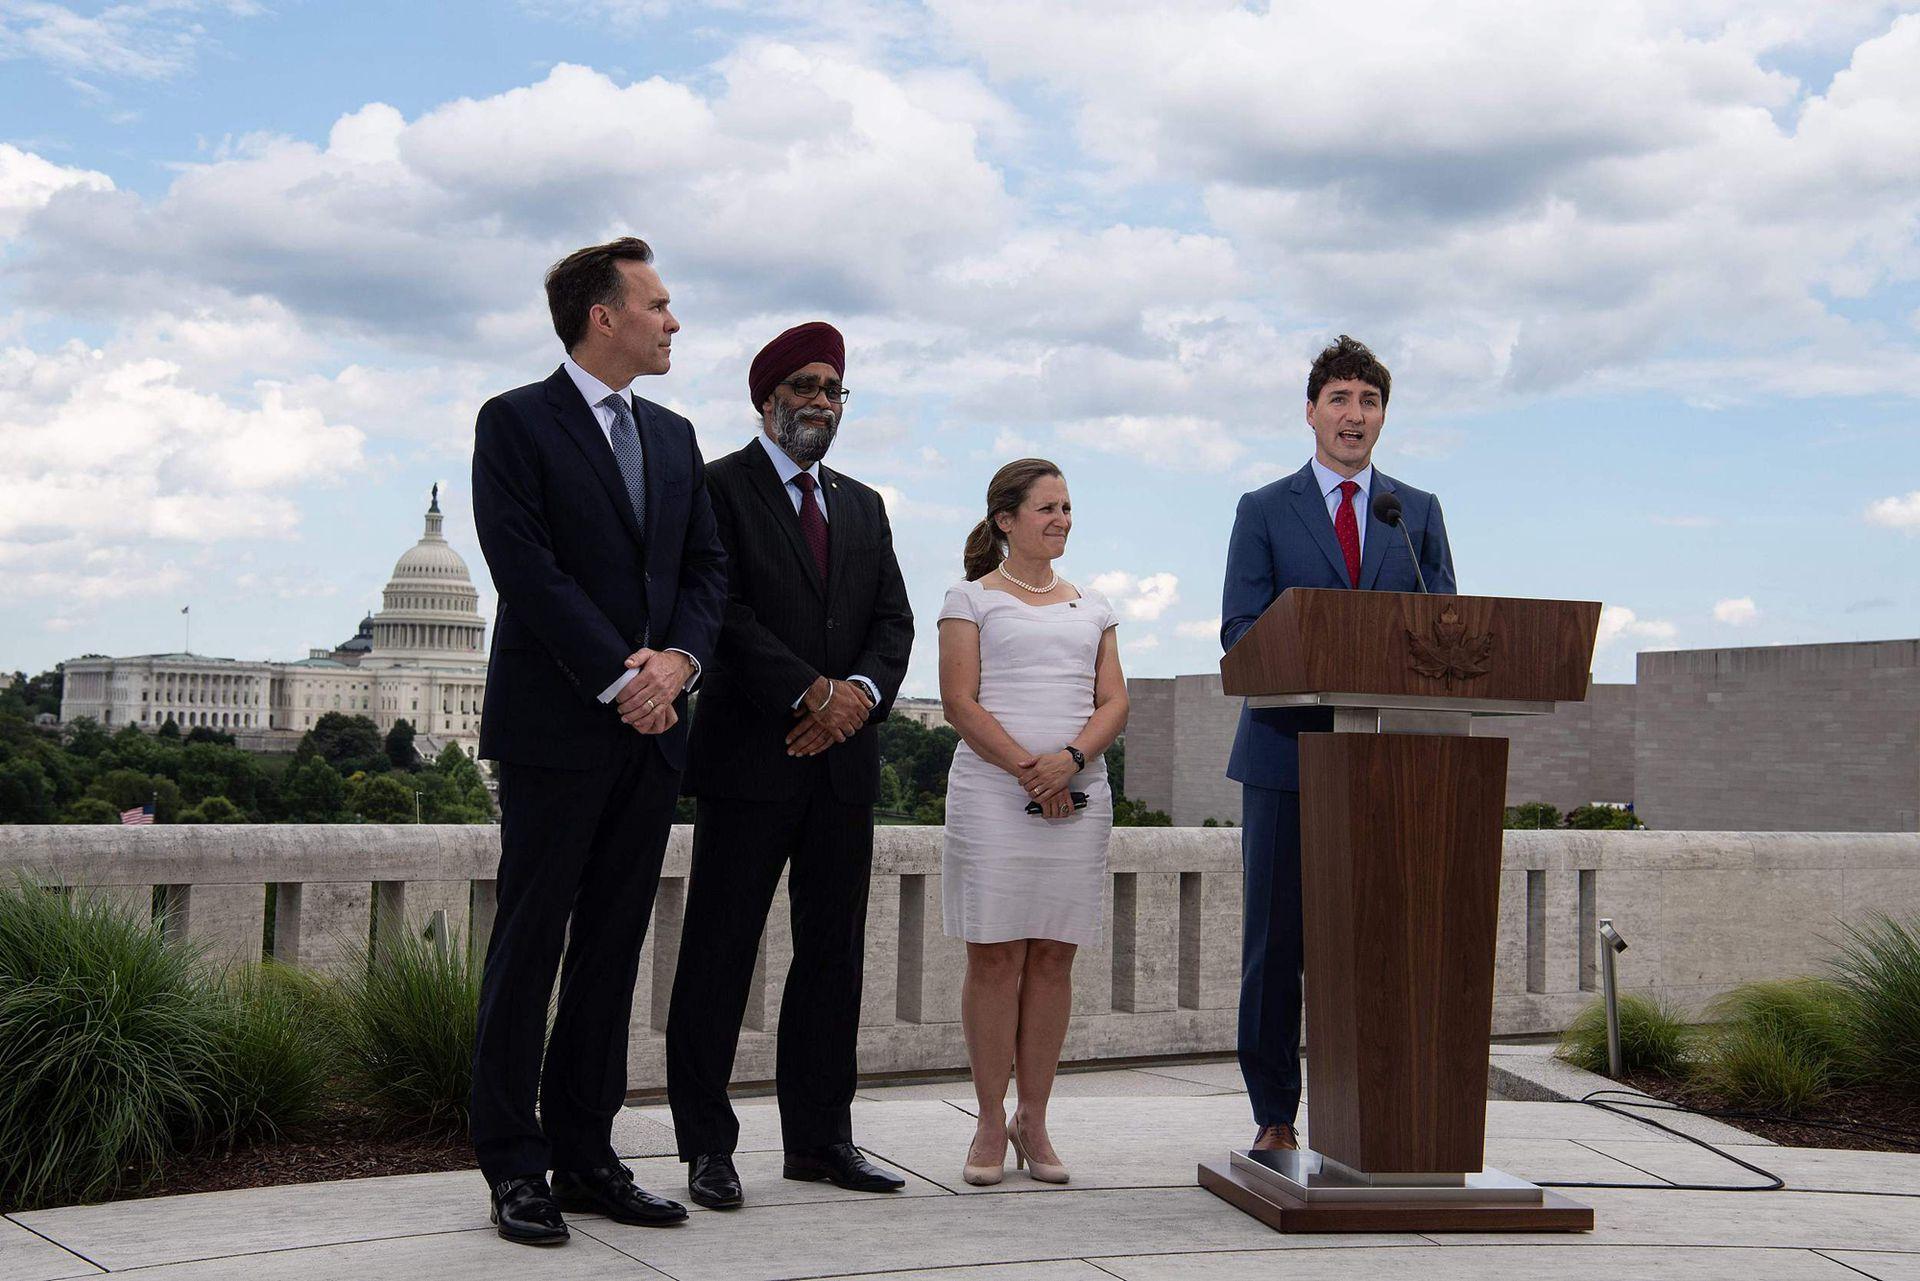 2019年6月20日,加拿大总理特鲁多访问美国,在加拿大驻美国大使馆召开新闻发布会。(Reuters)